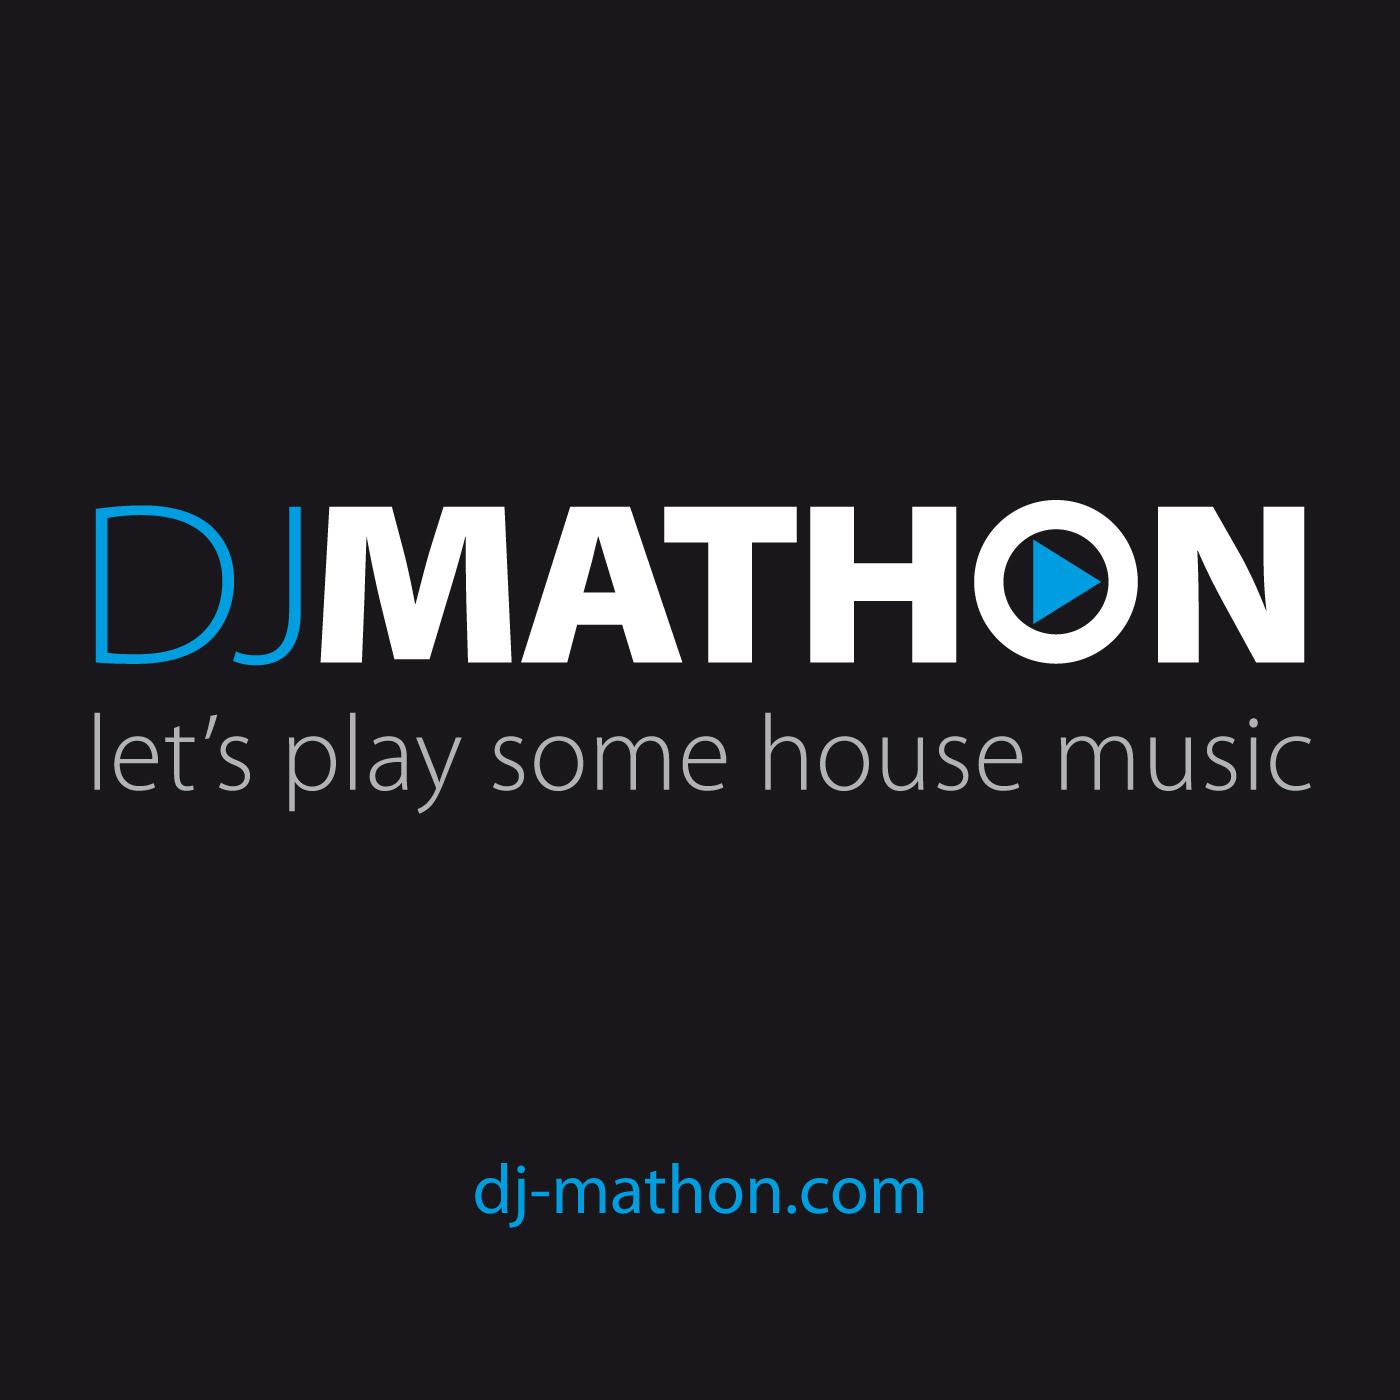 04 DJ MATHON AUTMN 2005